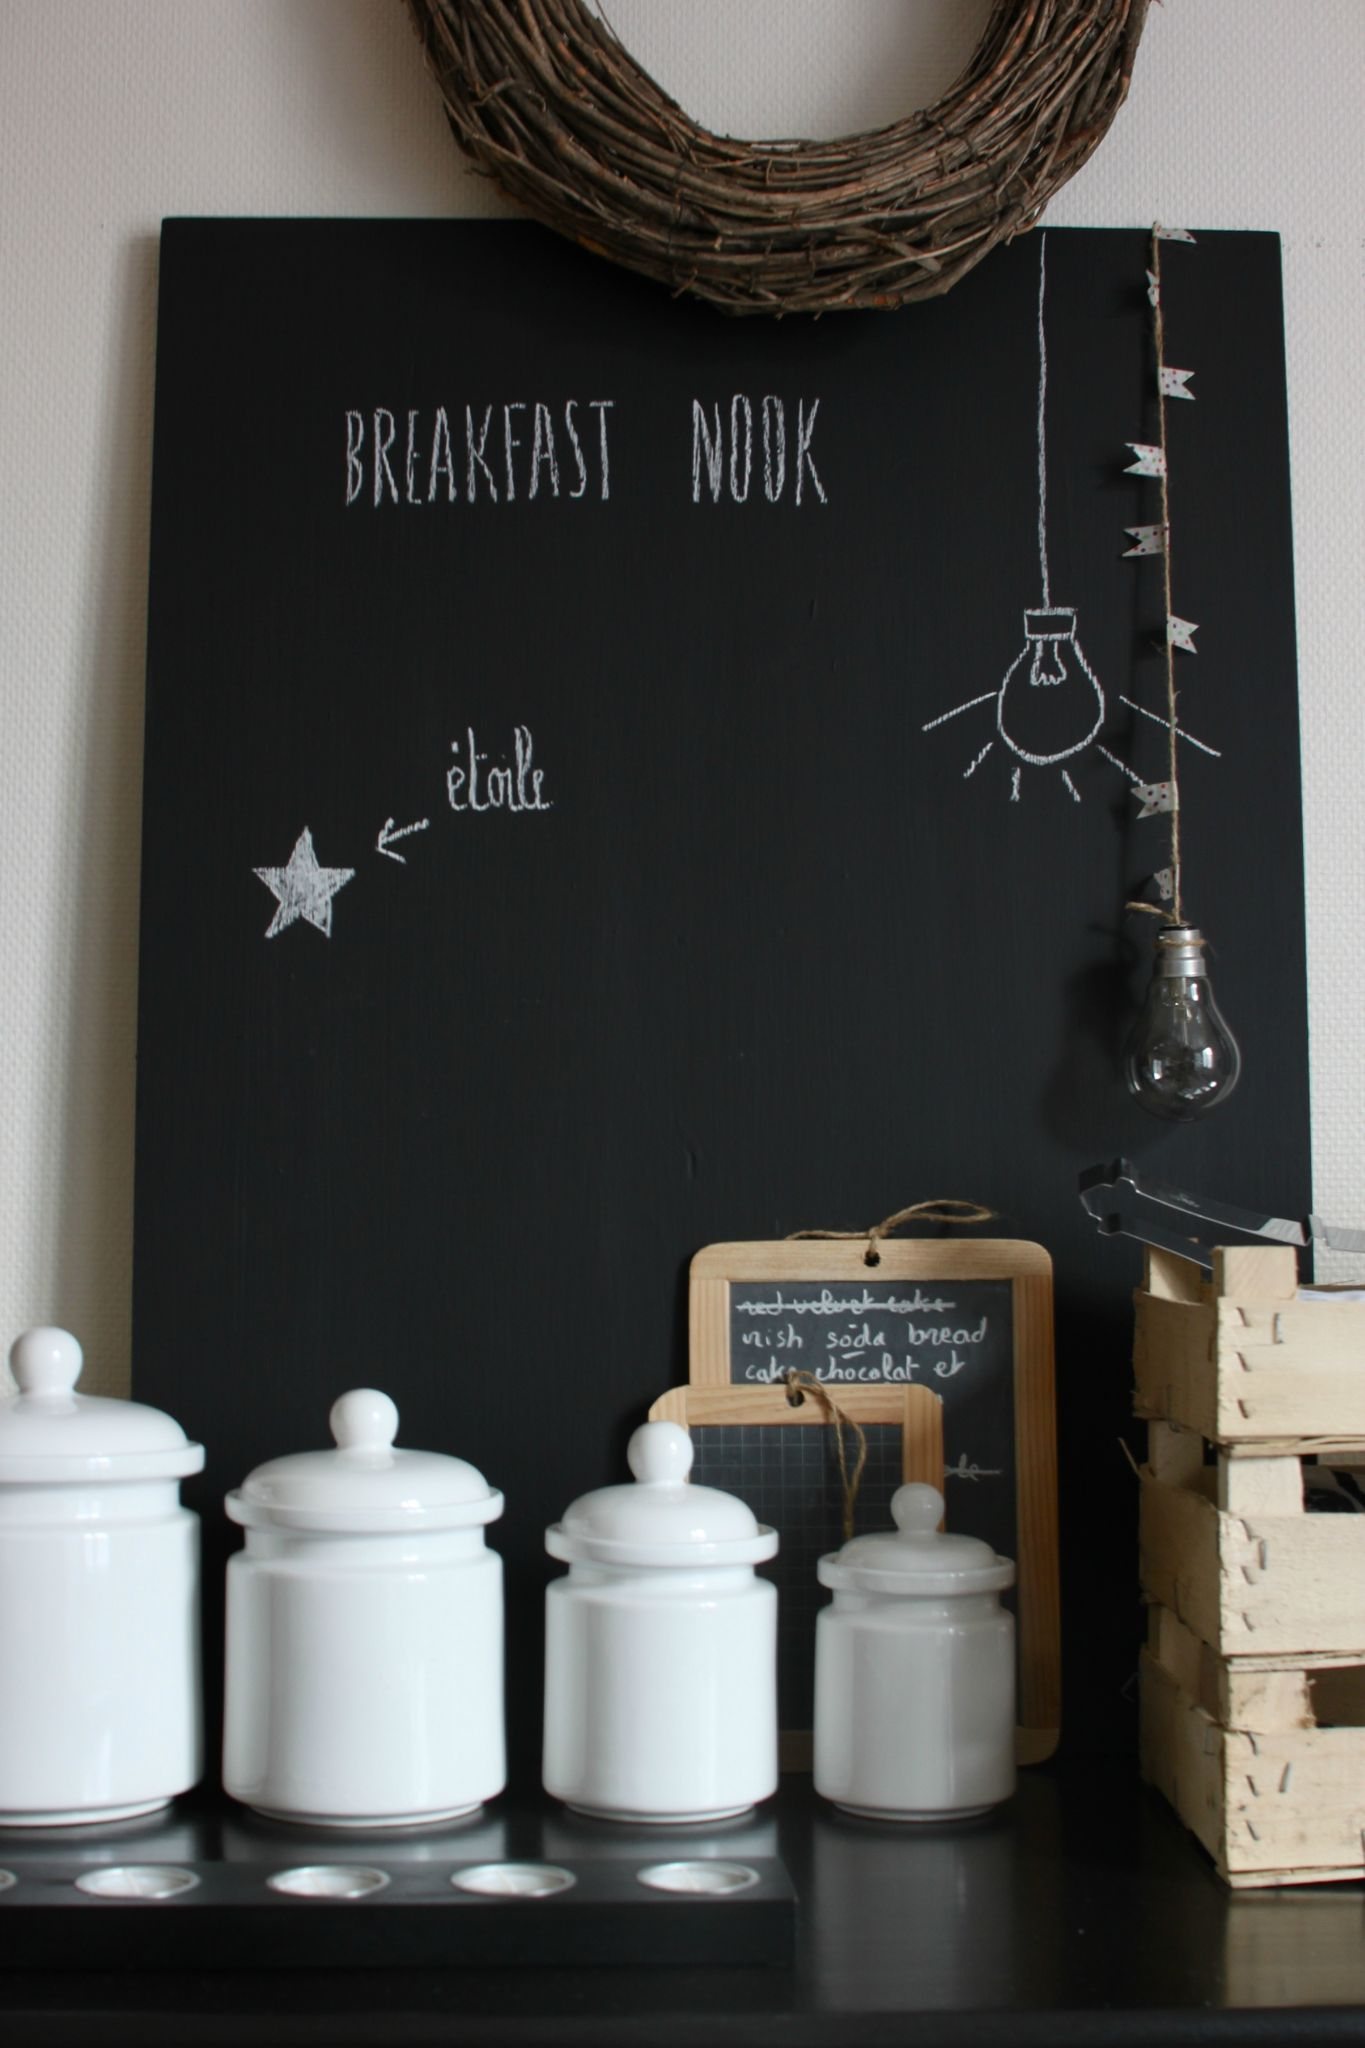 tableau noir pour mettre dans la cuisine ou dans l 39 entr e bonnes id es deco d co maison et. Black Bedroom Furniture Sets. Home Design Ideas